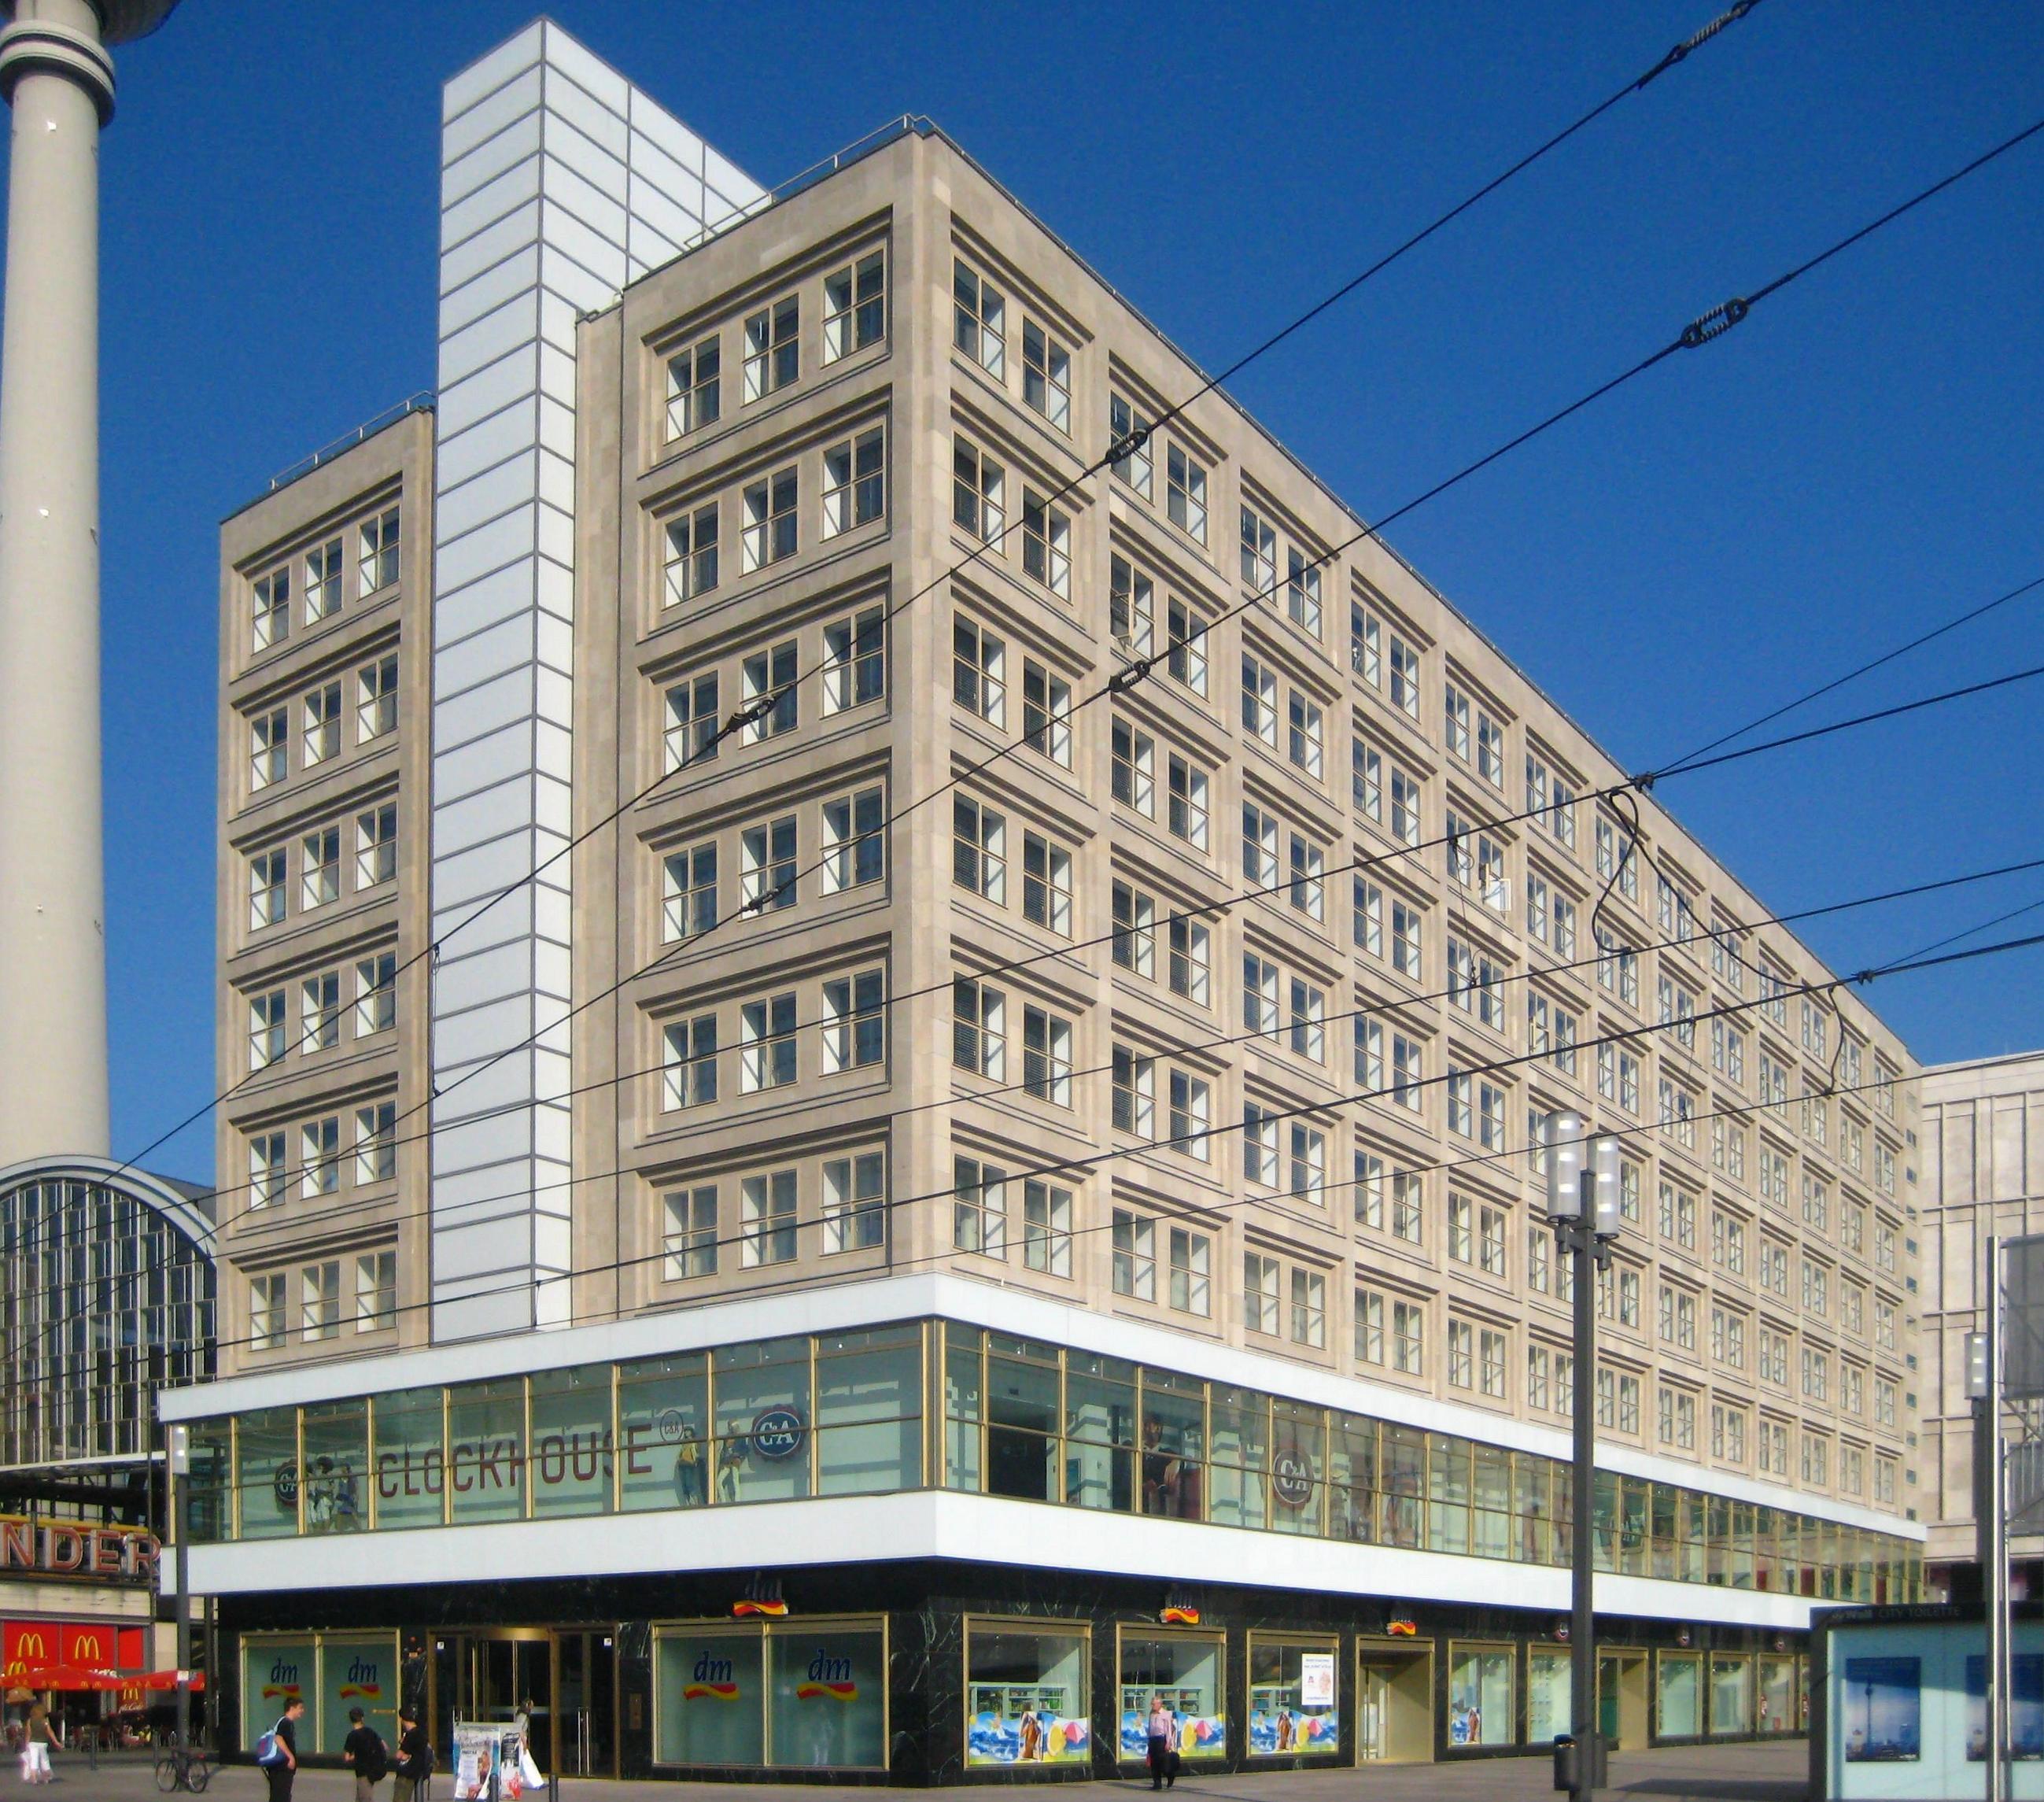 Datei berlin mitte alexanderplatz berolinahaus for Peter behrens aeg turbine factory